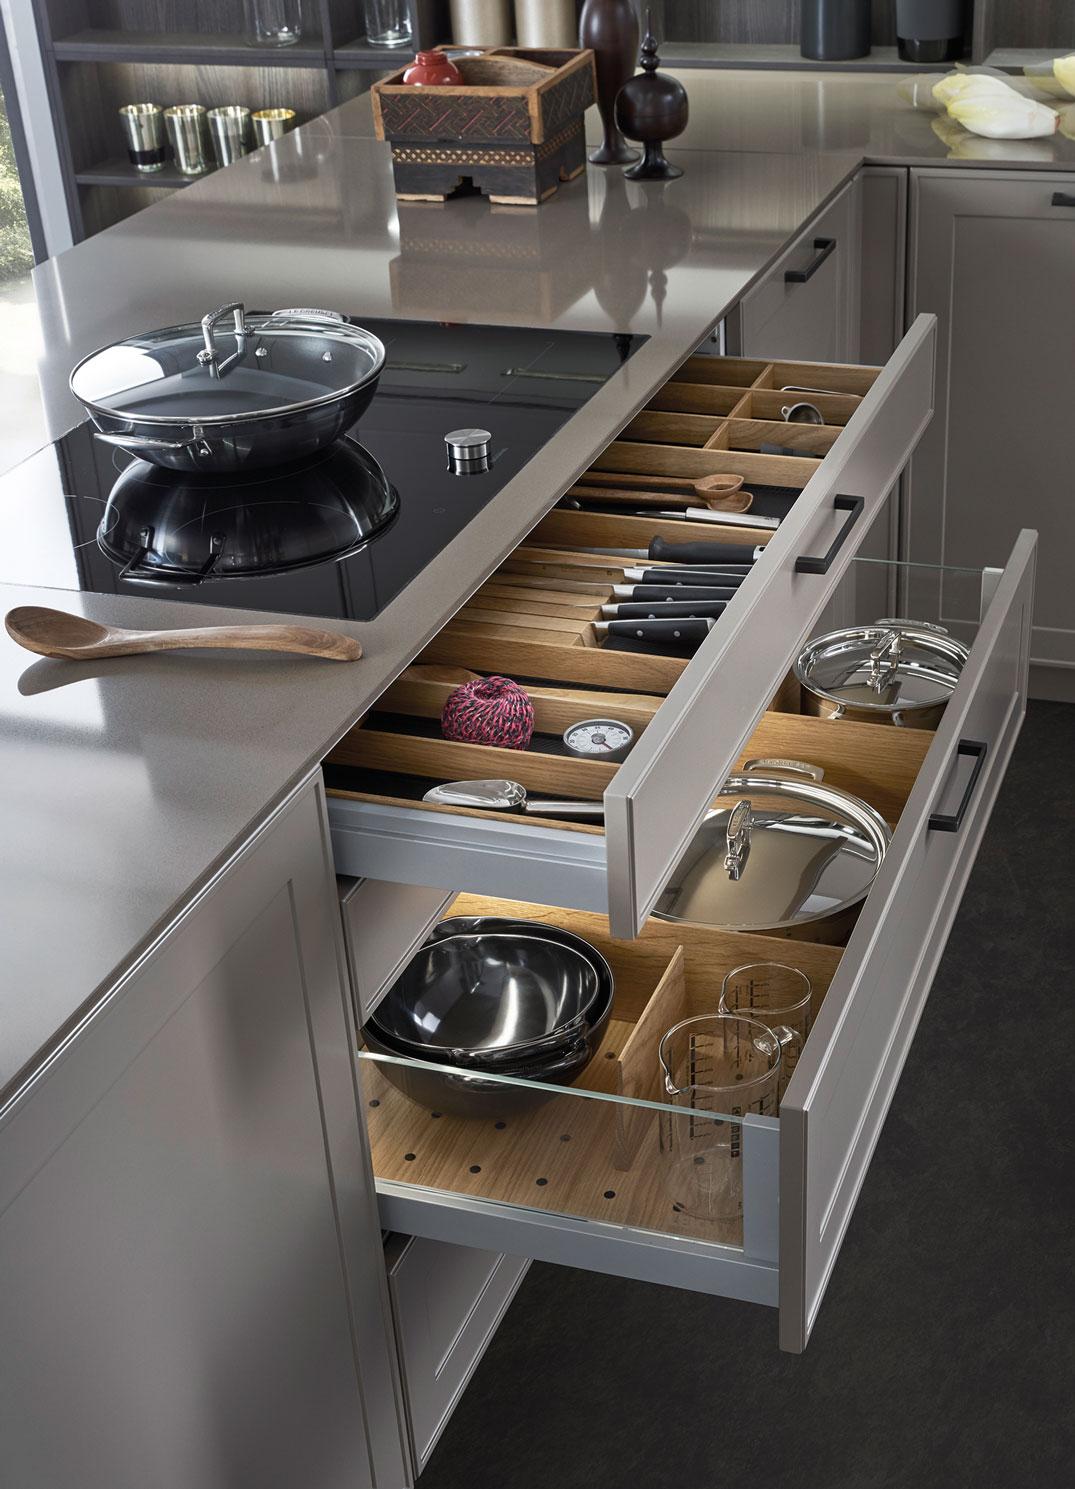 VERVE – Objekt und Küche  Küchenfachhändler & Objektausstatter